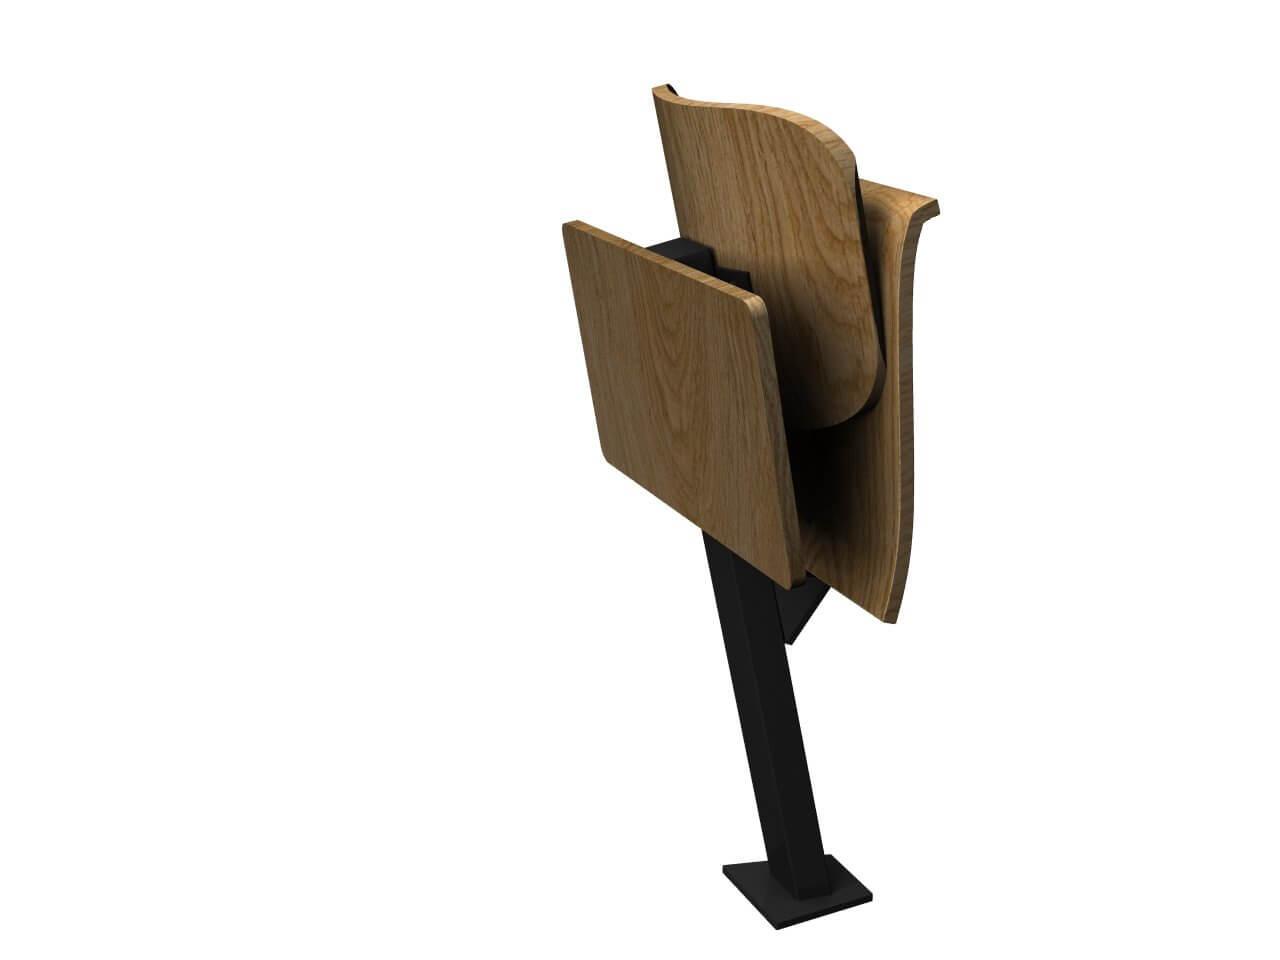 Kleslo - pulpitum- Leader de fabrication de fauteuils cinéma, théâtre ...pulpitum v4